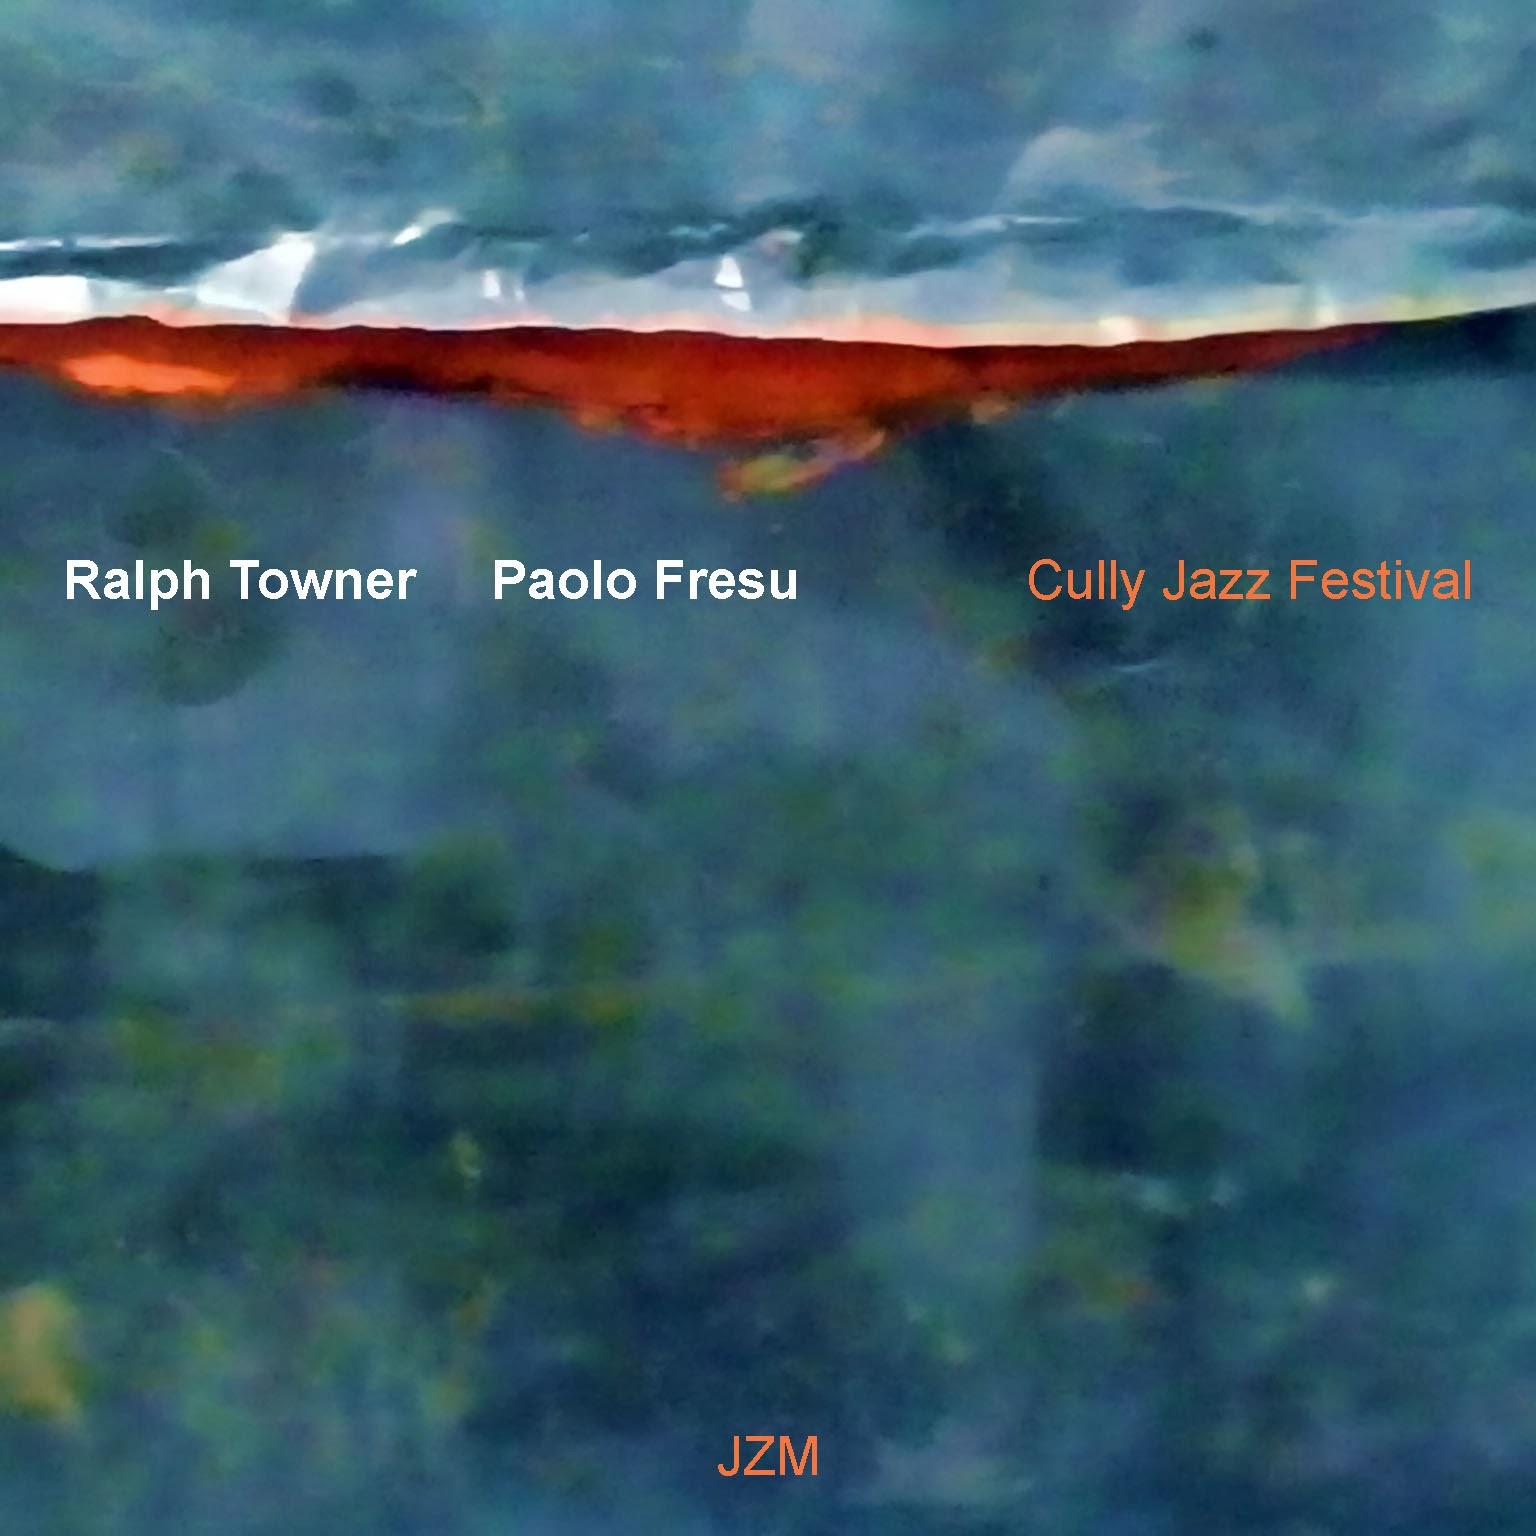 Qu'écoutez-vous en ce moment ? - Page 38 Towner+fresu+cully+jazz+festival